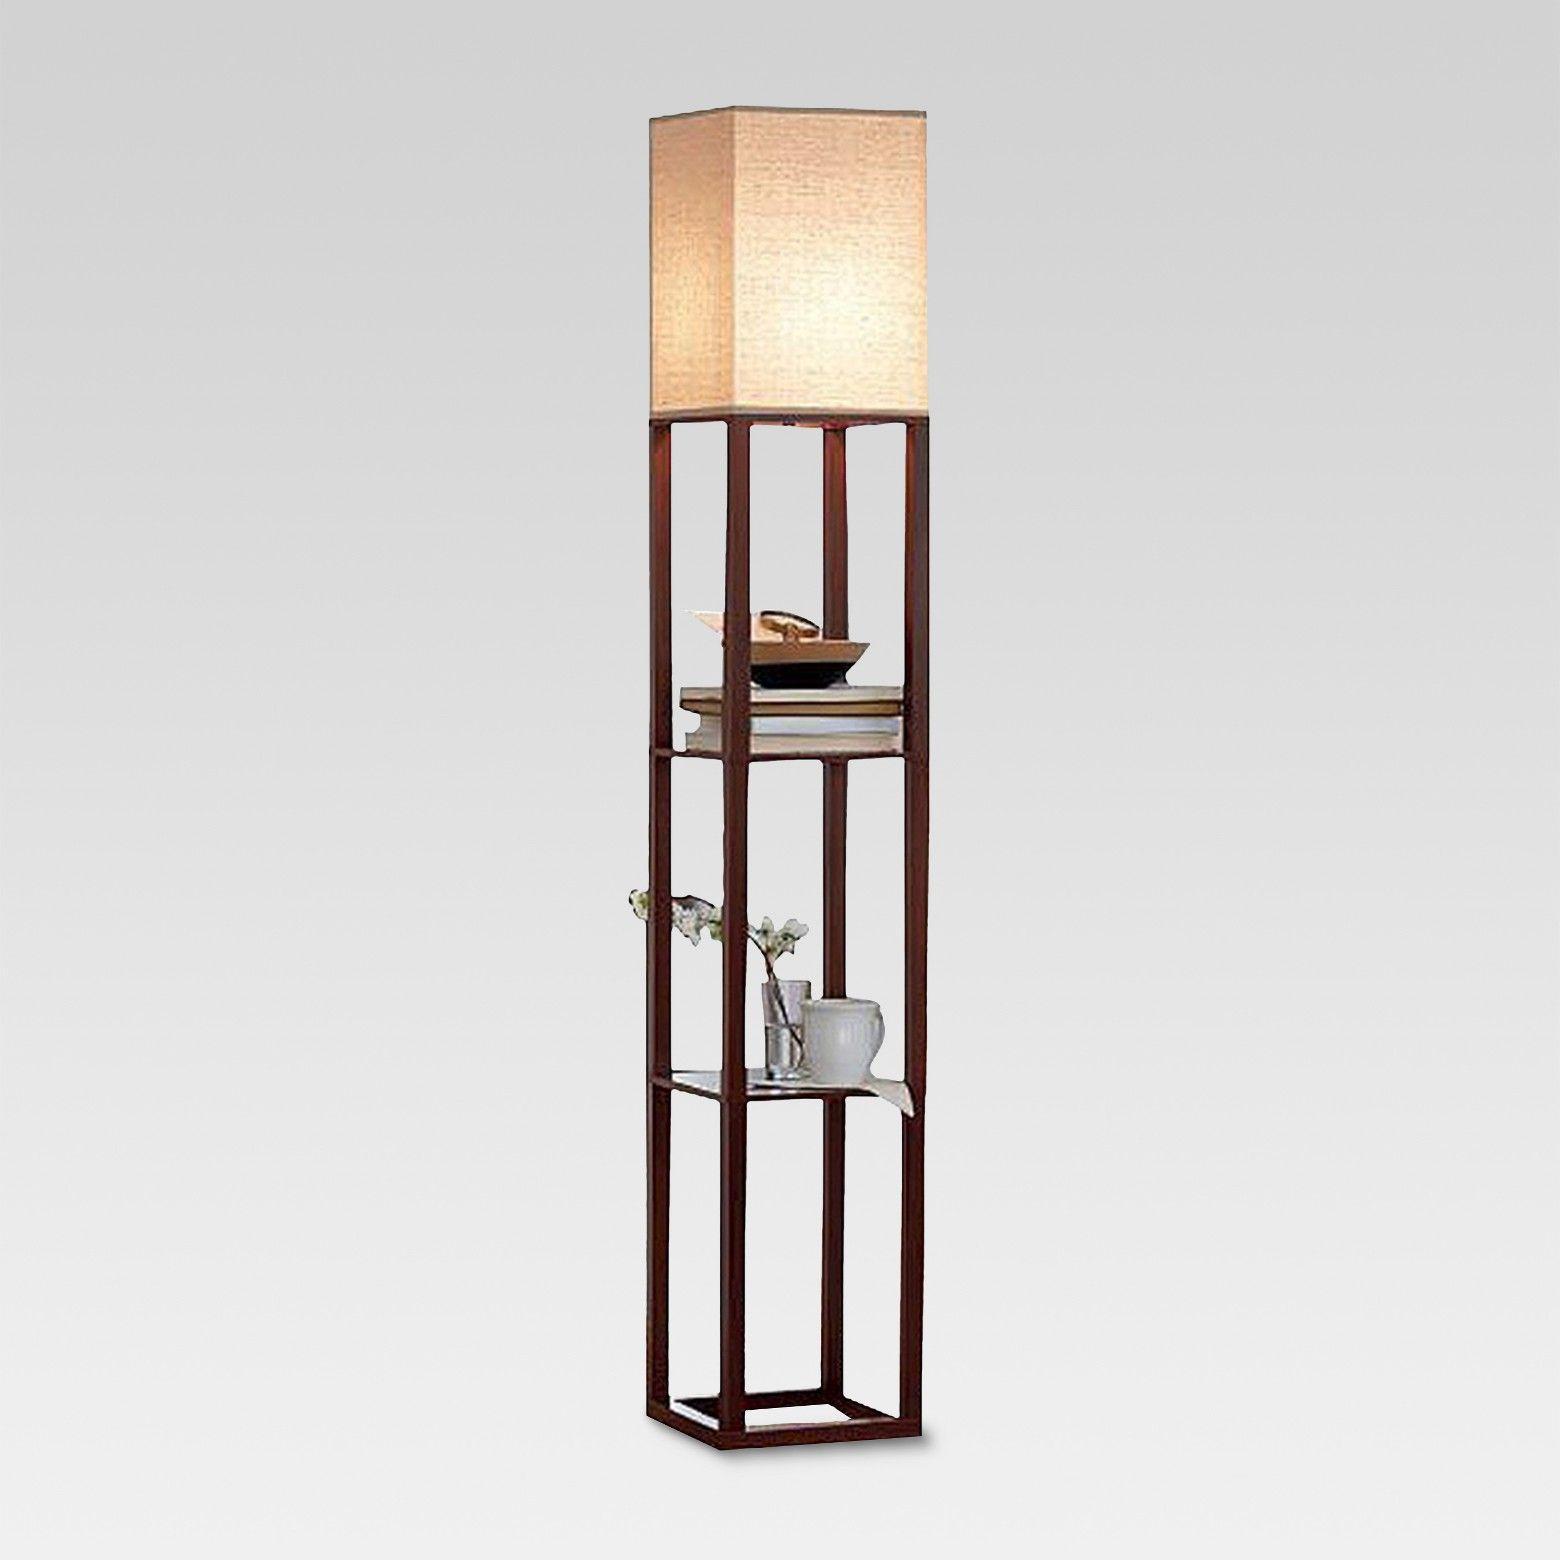 Shelf Floor Lamp Brown Threshold Floor Lamp With Shelves Shelf Lamp Black Floor Lamp